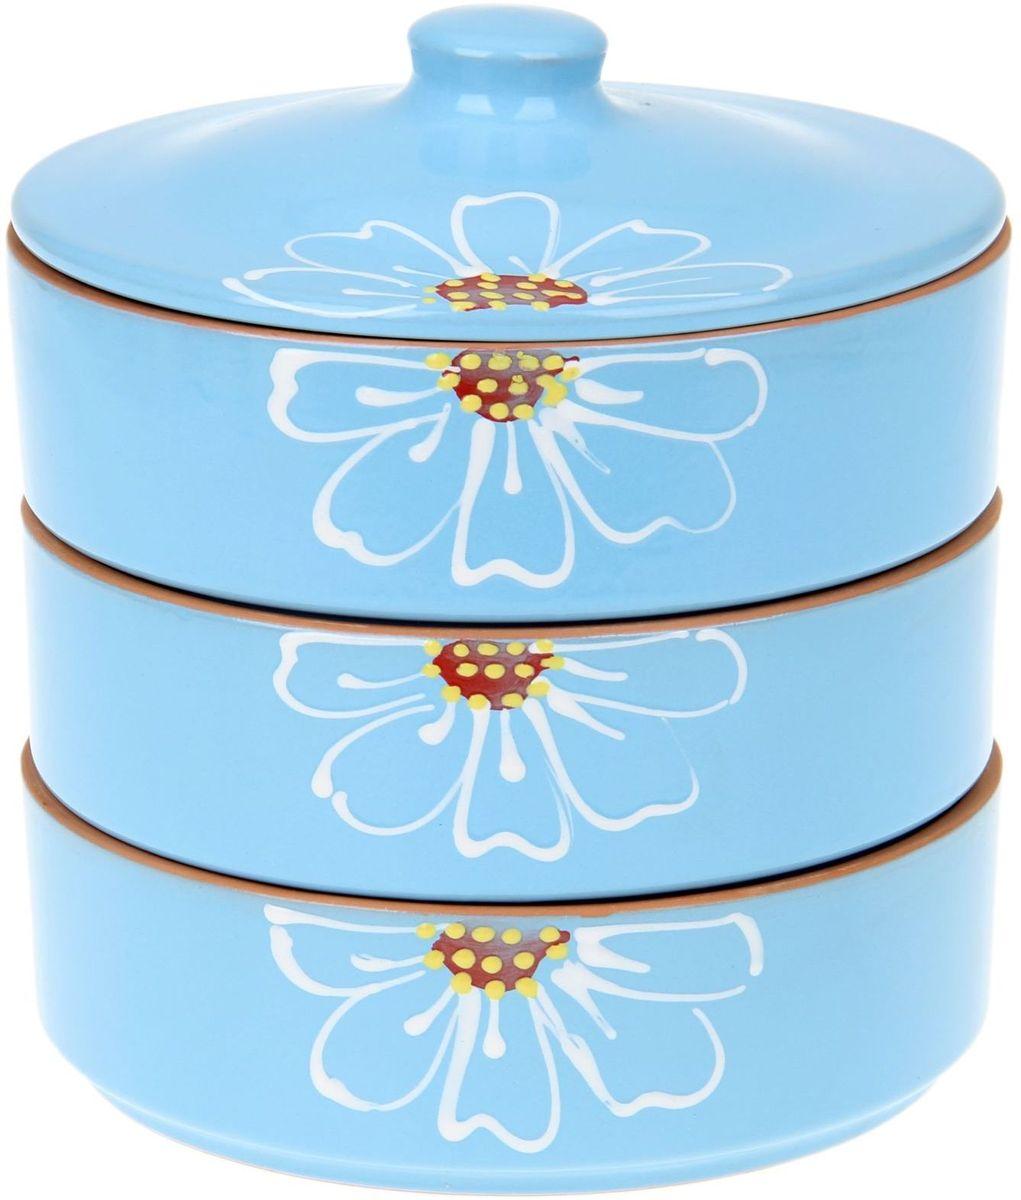 Набор блюд для холодца Псковский гончар Цветок, цвет: синий, 4 предмета1228241Набор для холодца Цветок синий 3 шт ( размер 1 шт H - 57мм, D - 172мм) будет вашим универсальным помощником! Он удобен не только для хранения холодца, но и для салатов, а также различных закусок. Набор предотвращает заветривание и сохраняет привлекательный внешний вид блюда. Вы сможете готовить непосредственно в нём: специальная керамика подходит для использования в микроволновой печи, в духовом шкафу, русской печи или на гриле. Утолщённые стенки дольше сохраняют тепло, поэтому можно не волноваться, что блюдо быстро остынет. Благодаря специальной конструкции предметы из набора можно устойчиво размещать друг на друге, что значительно сэкономит место в шкафу или холодильнике. Приятная расцветка и аккуратный рисунок будут радовать глаз при каждом использовании. Благодаря структуре глины любое блюдо, приготовленное при помощи посуды от «Псковского гончара», будет максимально вкусным и сохранит все свои полезные качества.